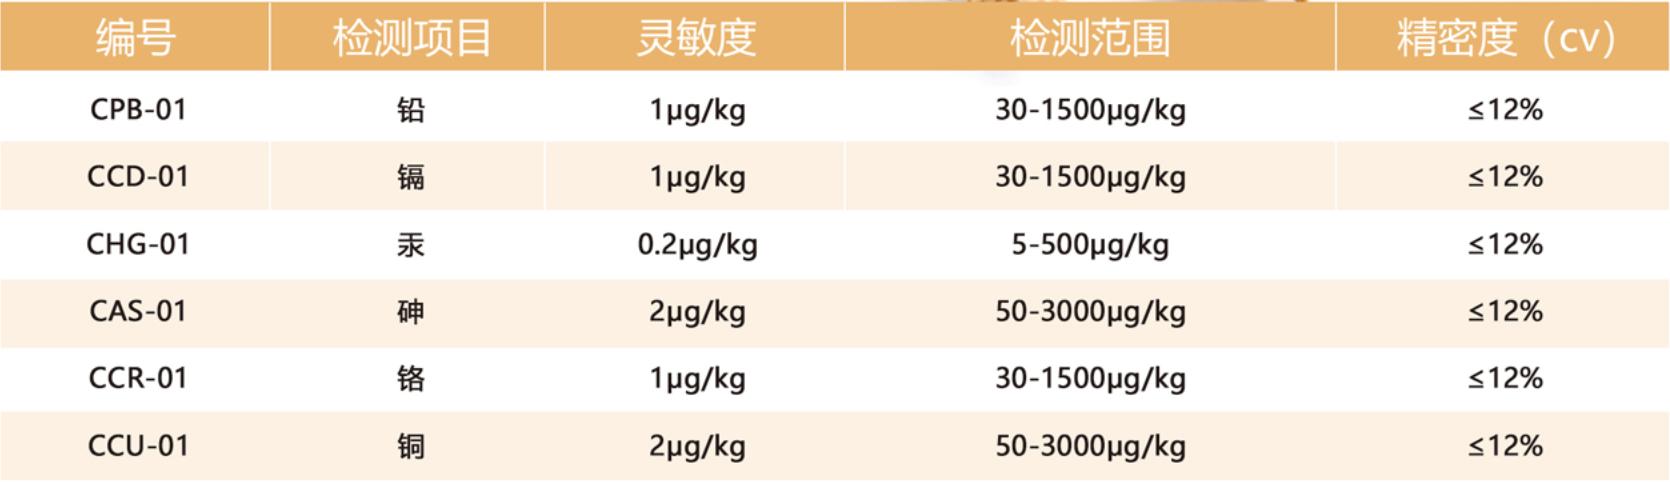 大米重金属快速检测仪器参数